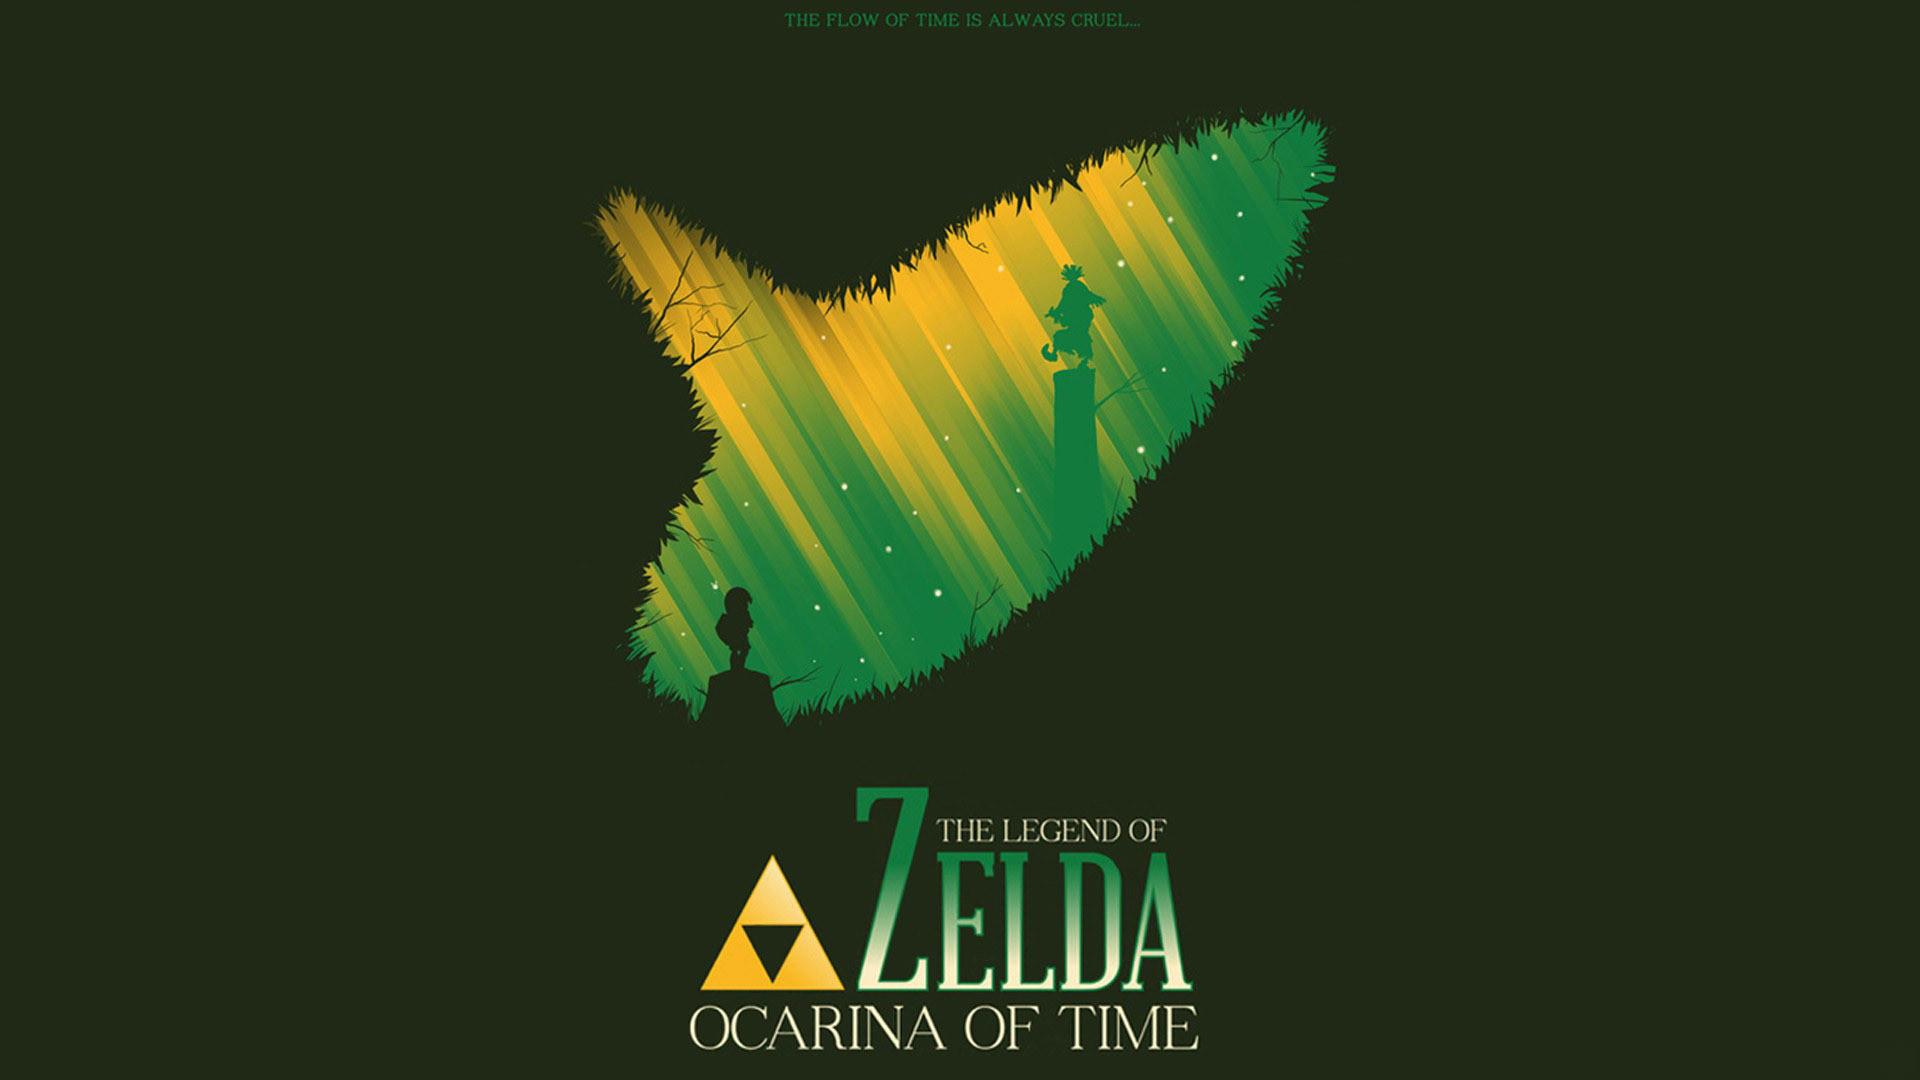 Triforce The Legend of Zelda HD desktop wallpaper : High   Free Wallpapers    Pinterest   Wallpaper